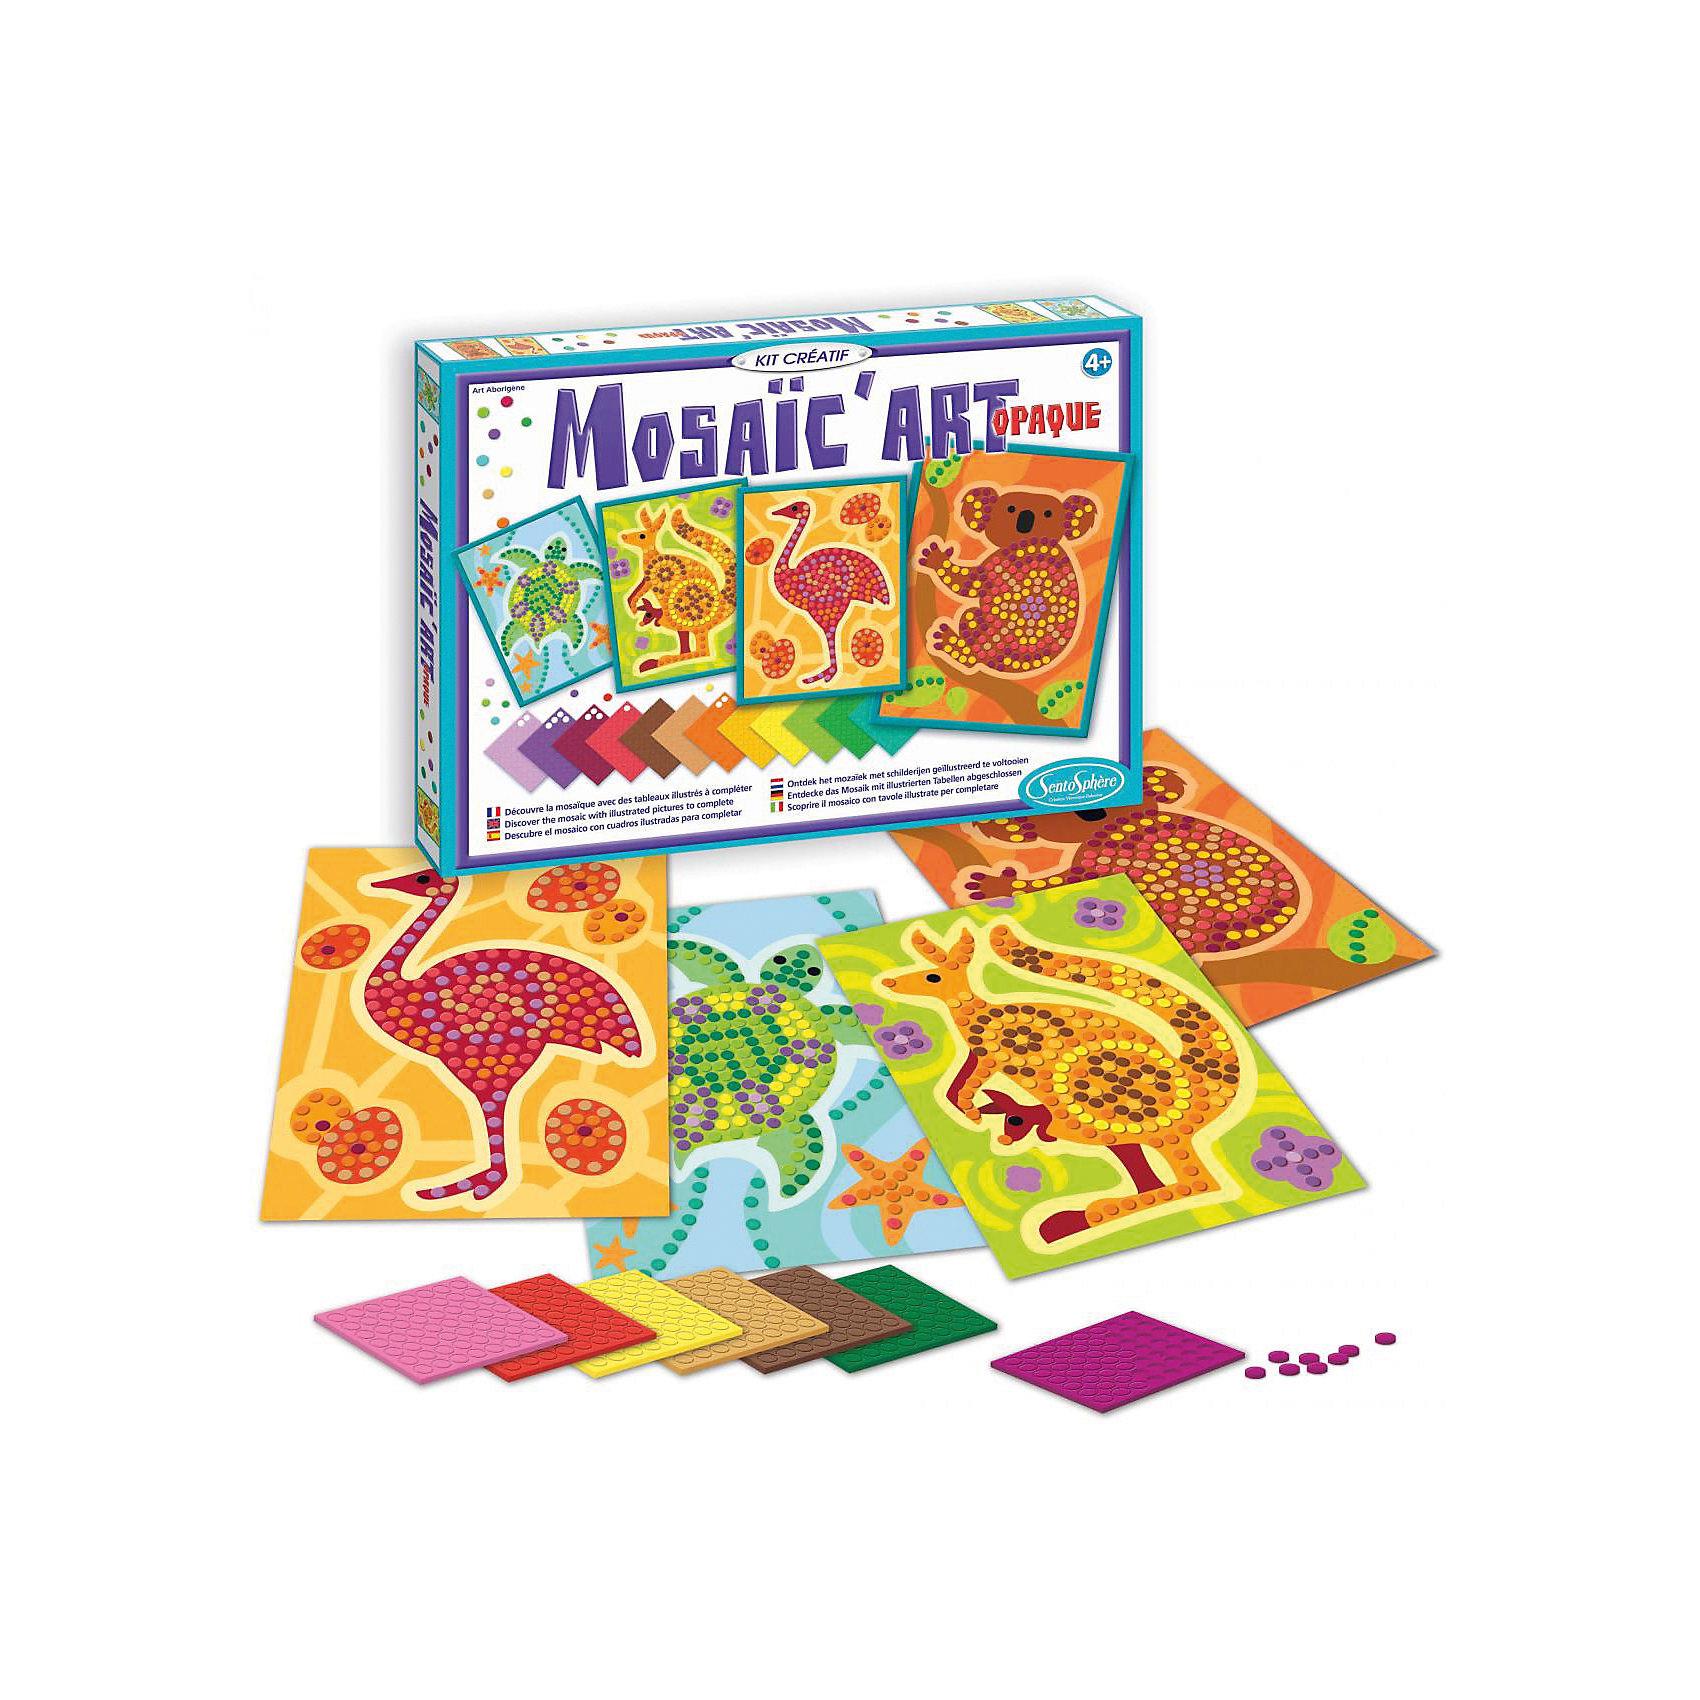 Набор для творчества Мозаика. Животные АвстралииНабор для творчества Мозаика. Животные Австралии – этот увлекательный набор для создания чудесных картин из мозаики.<br>Набор Мозаика. Животные Австралии от французского производителя Sentosphere (Сентосфере) – великолепный творческий подарок для каждого ребенка. Ребенок может создавать картинки по образцам, которые предложены в наборе. Кроме того, он сможет проявить фантазию и внести в рисунок новые интересные детали или создать свой неповторимый, оригинальный вариант. 728 мозаичных кубика позволяют сделать это! Набор для творчества способствует развитию художественных навыков, чувства прекрасного, мелкой моторики и аккуратности. Все детали набора изготовлены из высококачественных и гипоаллергенных материалов. Набор продается в яркой красочной коробке и идеально подходит для подарка.<br><br>Дополнительная информация:<br><br>- В наборе: 20 листов с мозаичными кубиками, 4 картинки, 1 подложка, подробная инструкция с примерами<br>- Размер упаковки: 33,5 х 3 х 25,5 см.<br>- Вес: 520 гр.<br><br>Набор для творчества Мозаика. Животные Австралии можно купить в нашем интернет-магазине.<br><br>Ширина мм: 335<br>Глубина мм: 30<br>Высота мм: 255<br>Вес г: 520<br>Возраст от месяцев: 48<br>Возраст до месяцев: 120<br>Пол: Унисекс<br>Возраст: Детский<br>SKU: 4305782